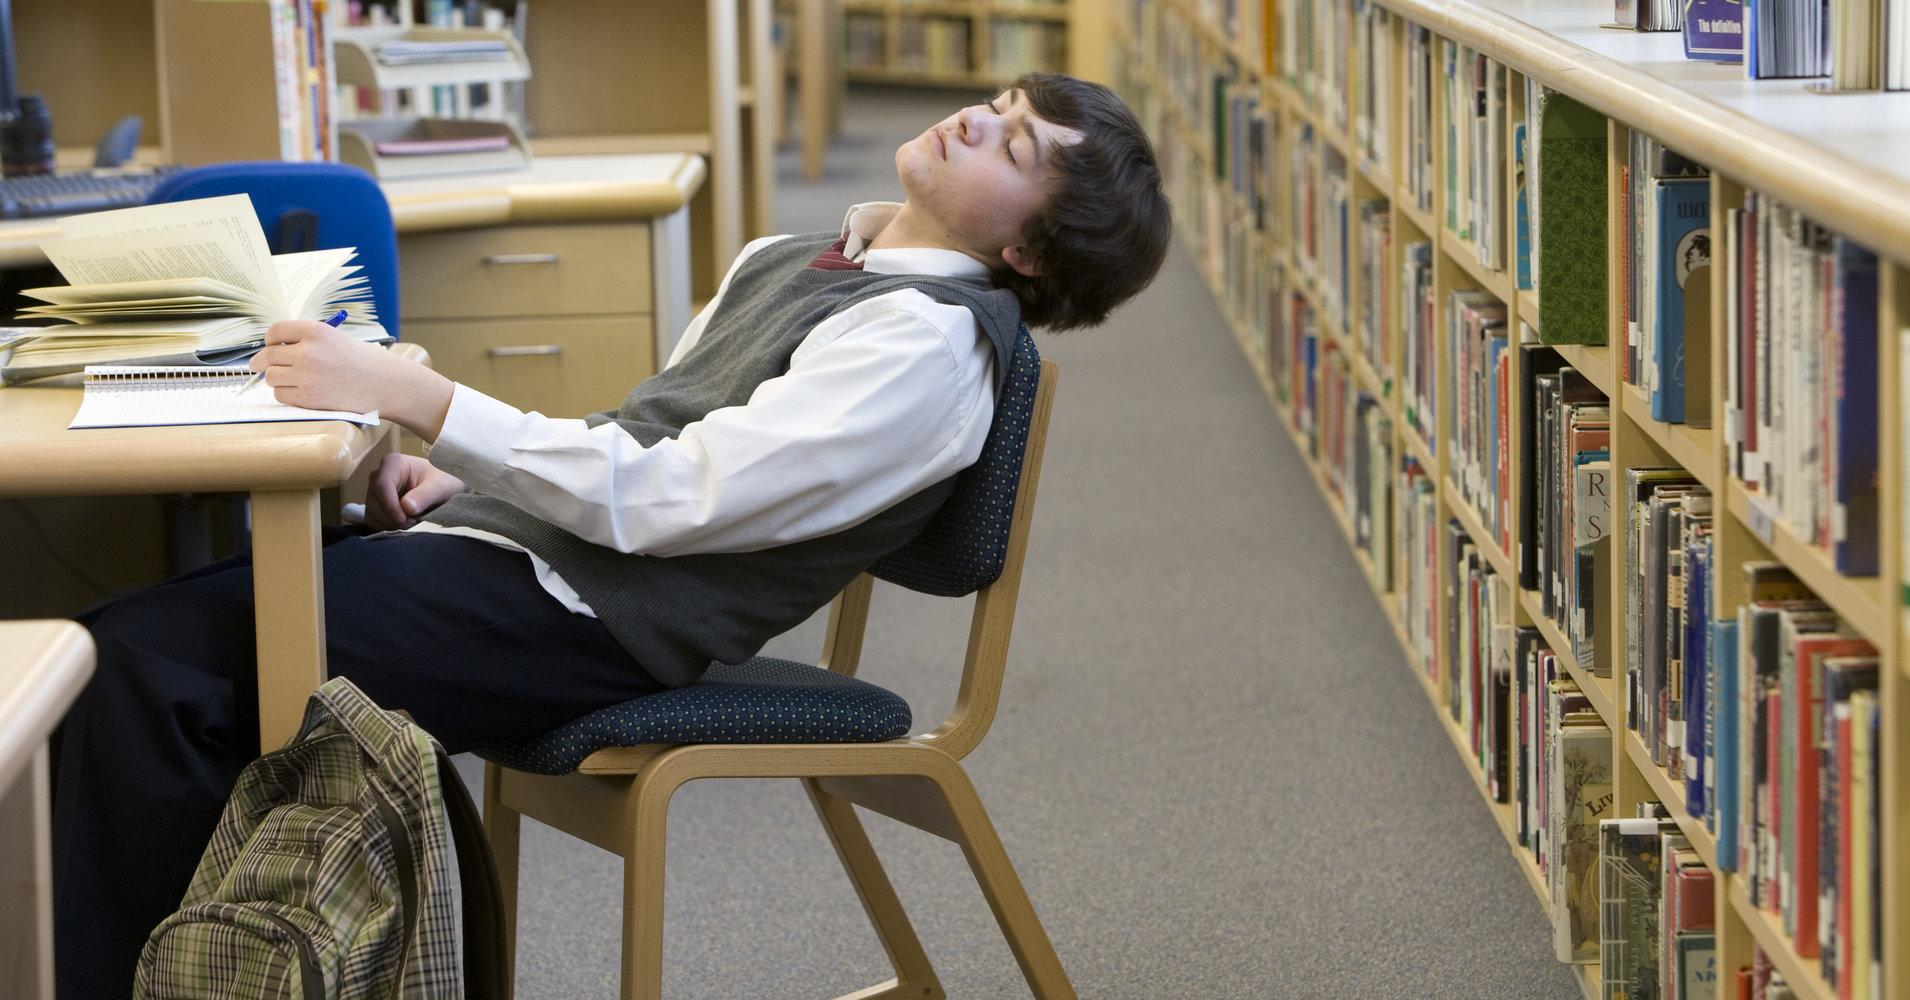 Тихий час улучшил когнитивные способности подростков и повысил уровень глюкозы